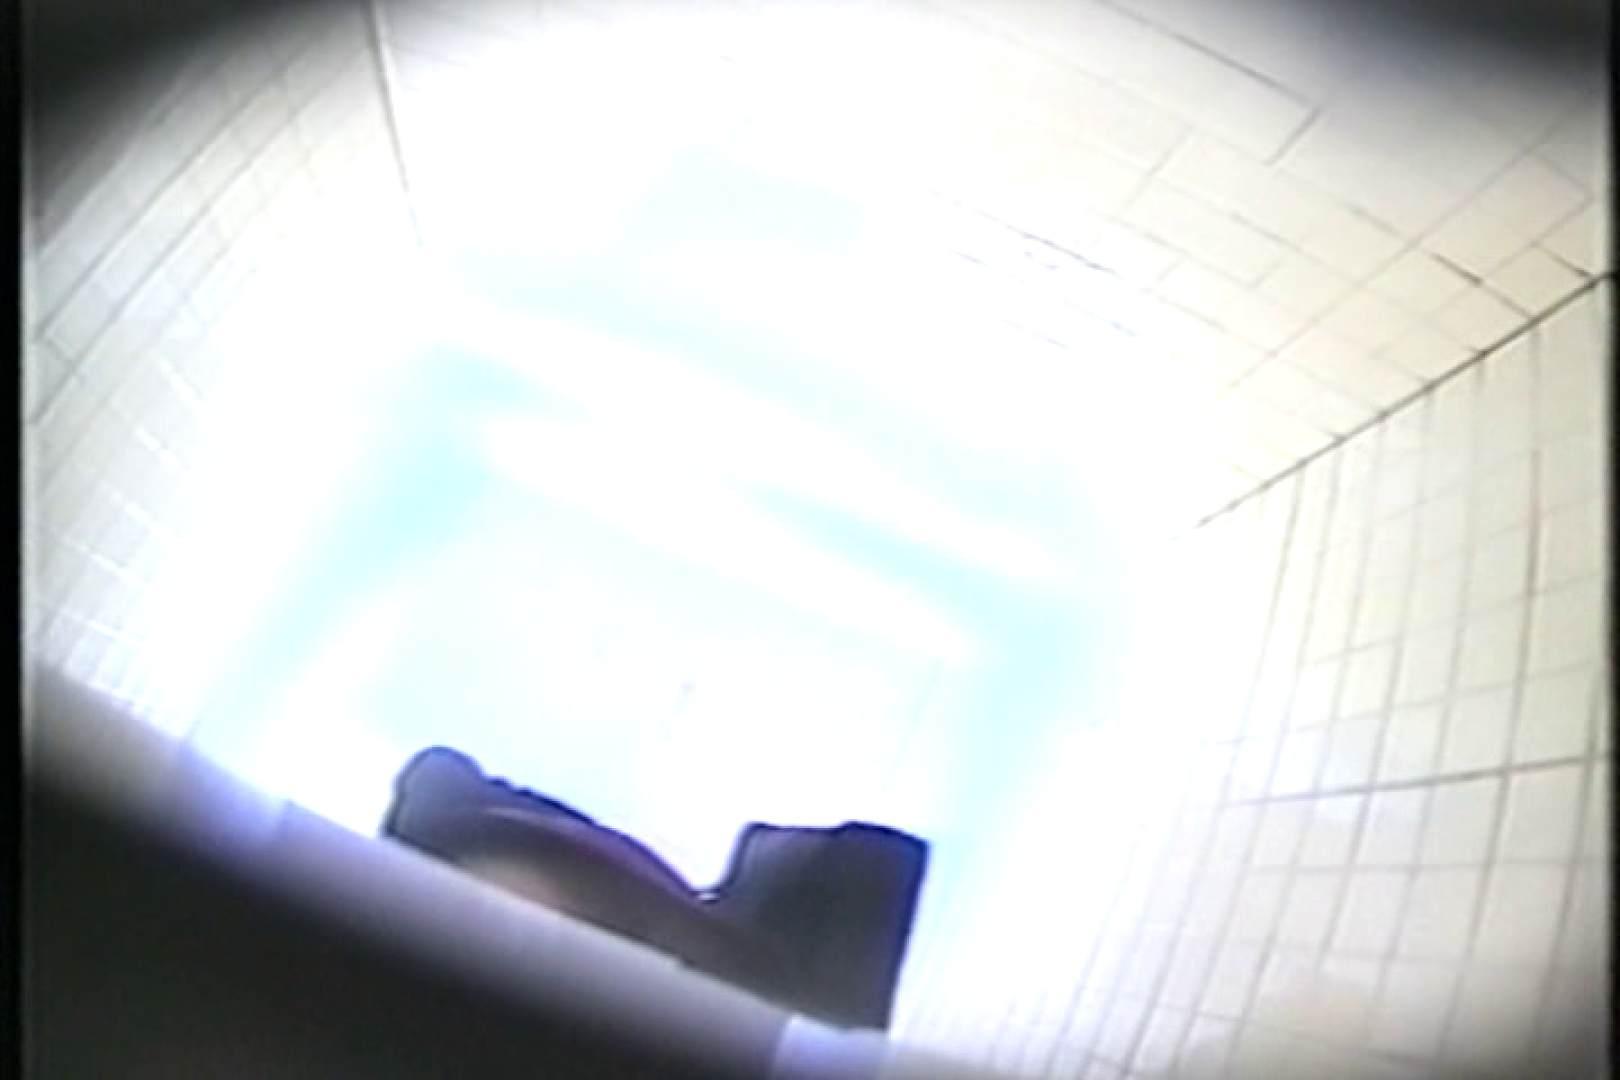 下半身シースルー洗面所Vol.3 女体盗撮 のぞきおめこ無修正画像 78連発 58